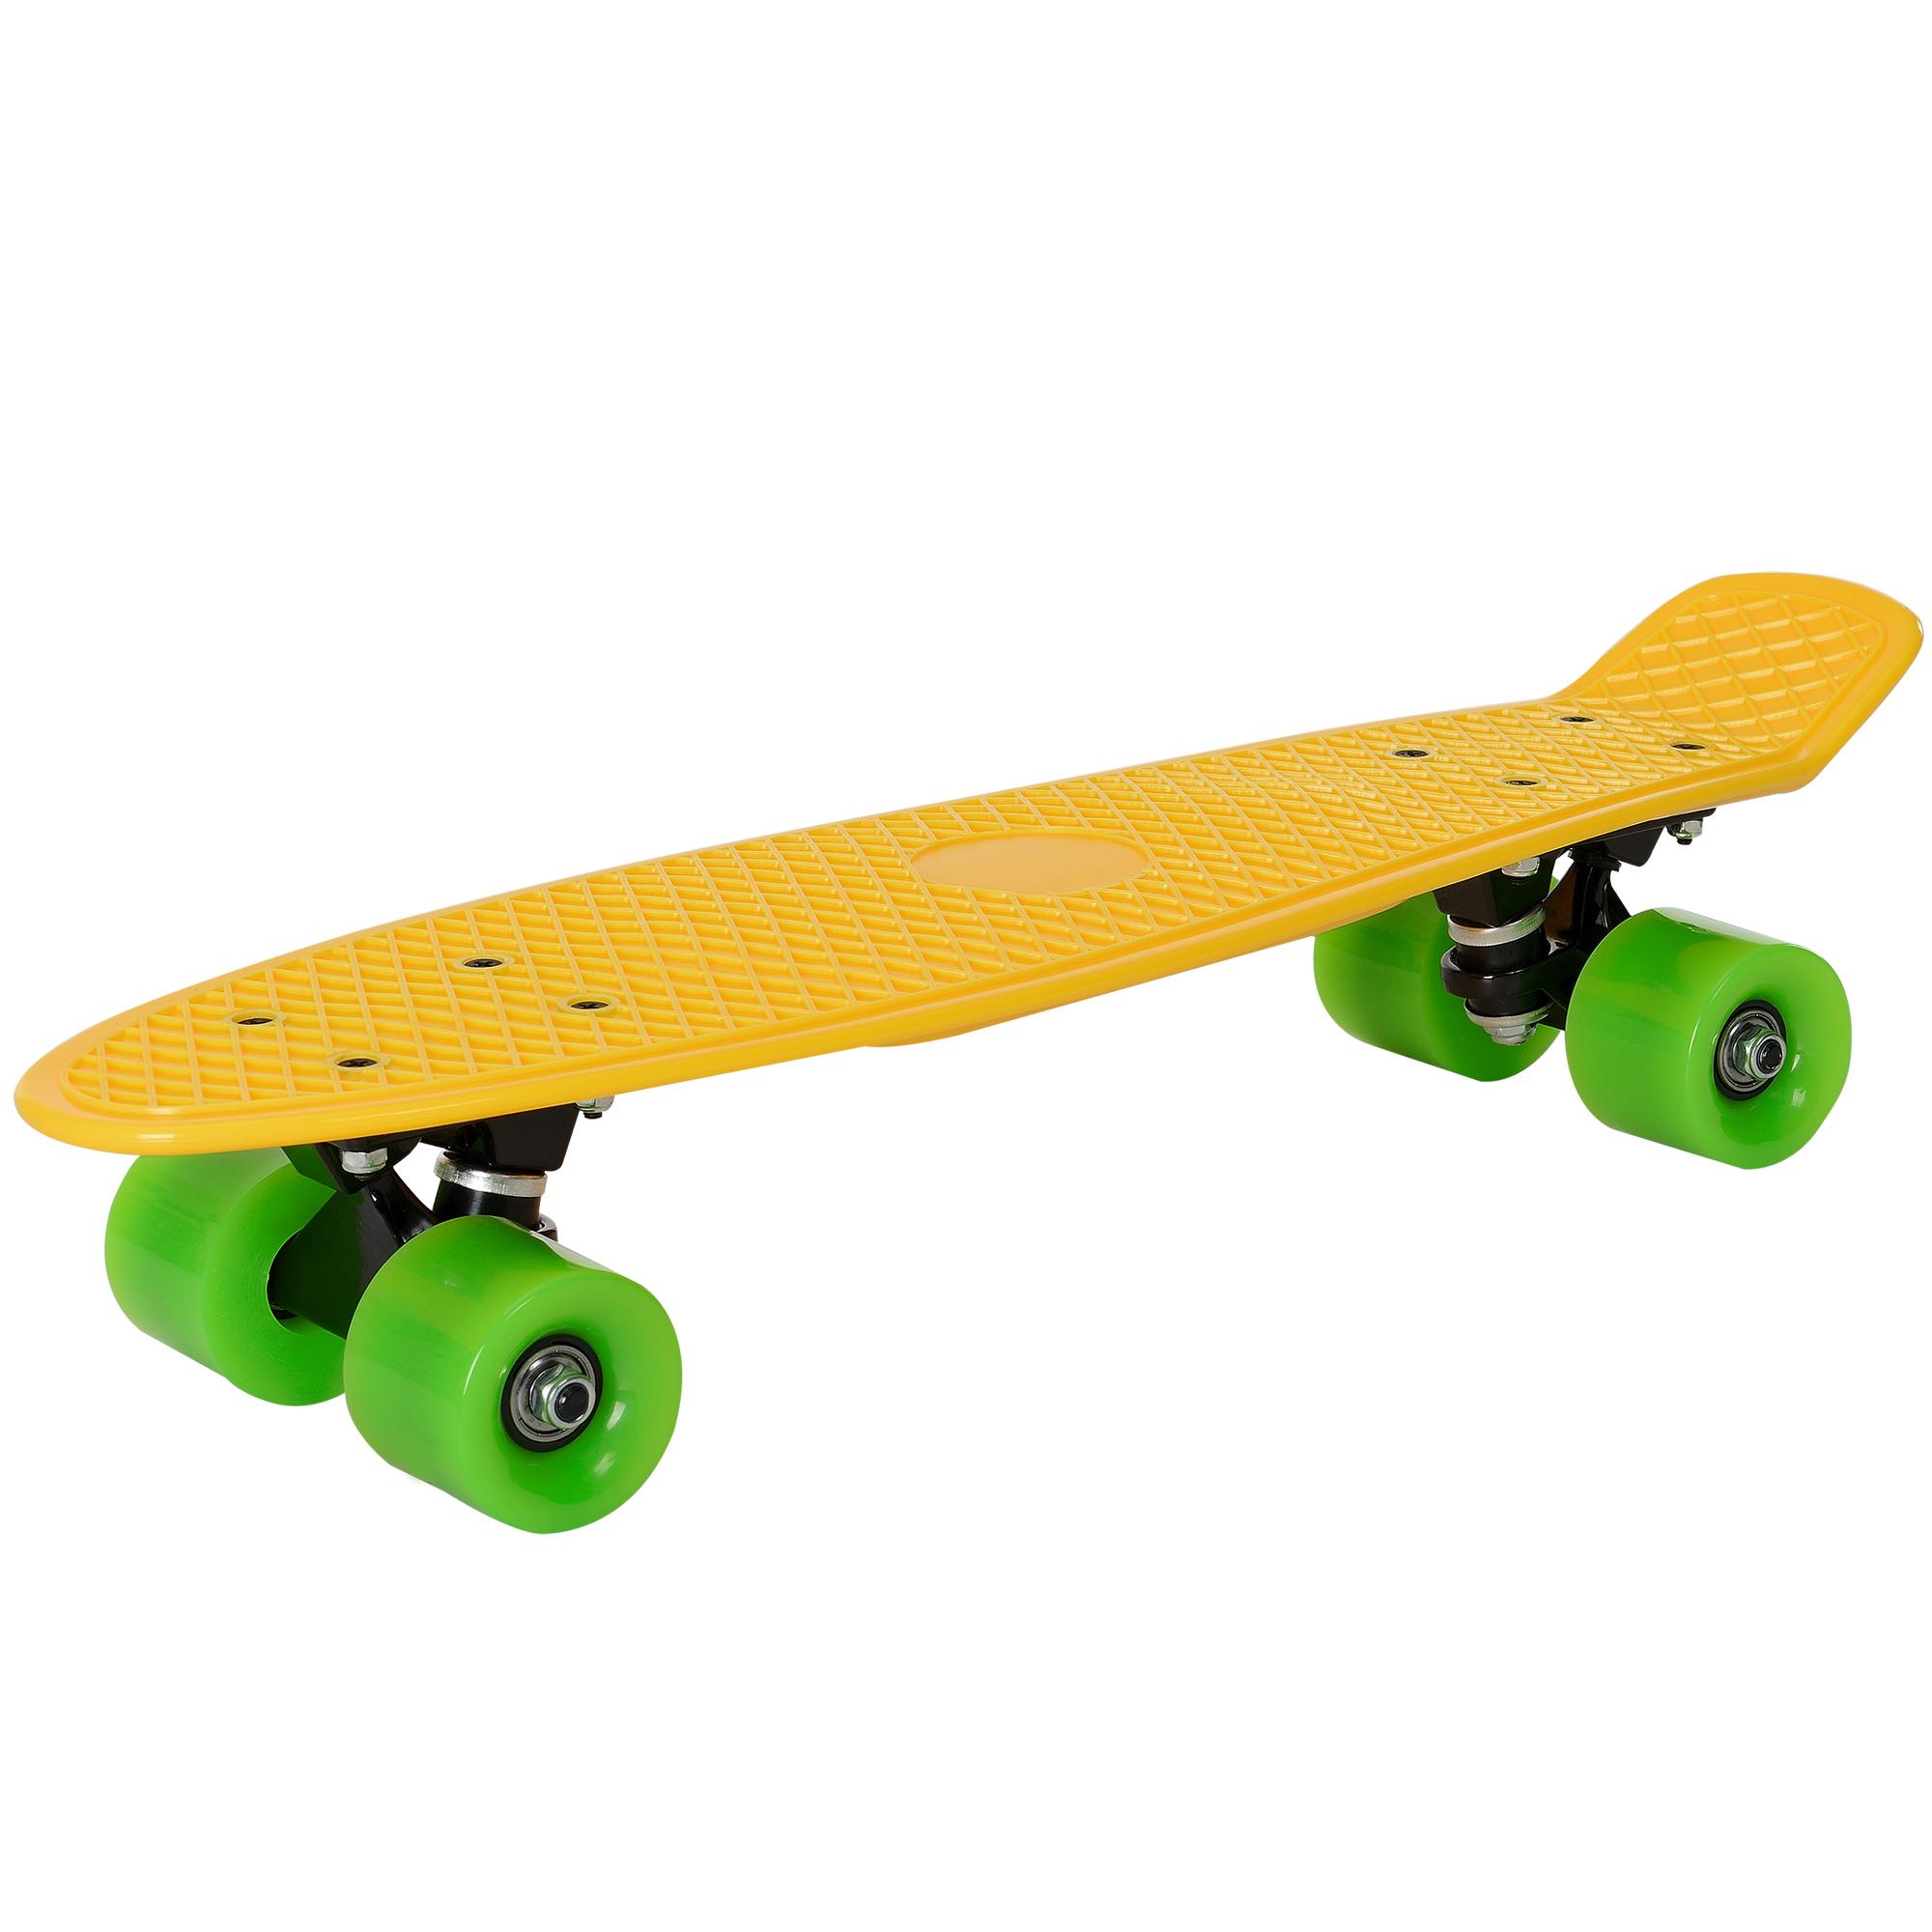 [pro.tec]® Retro Skateboard mini - penny board ABEC 7 - žlutá se zelenými svitků